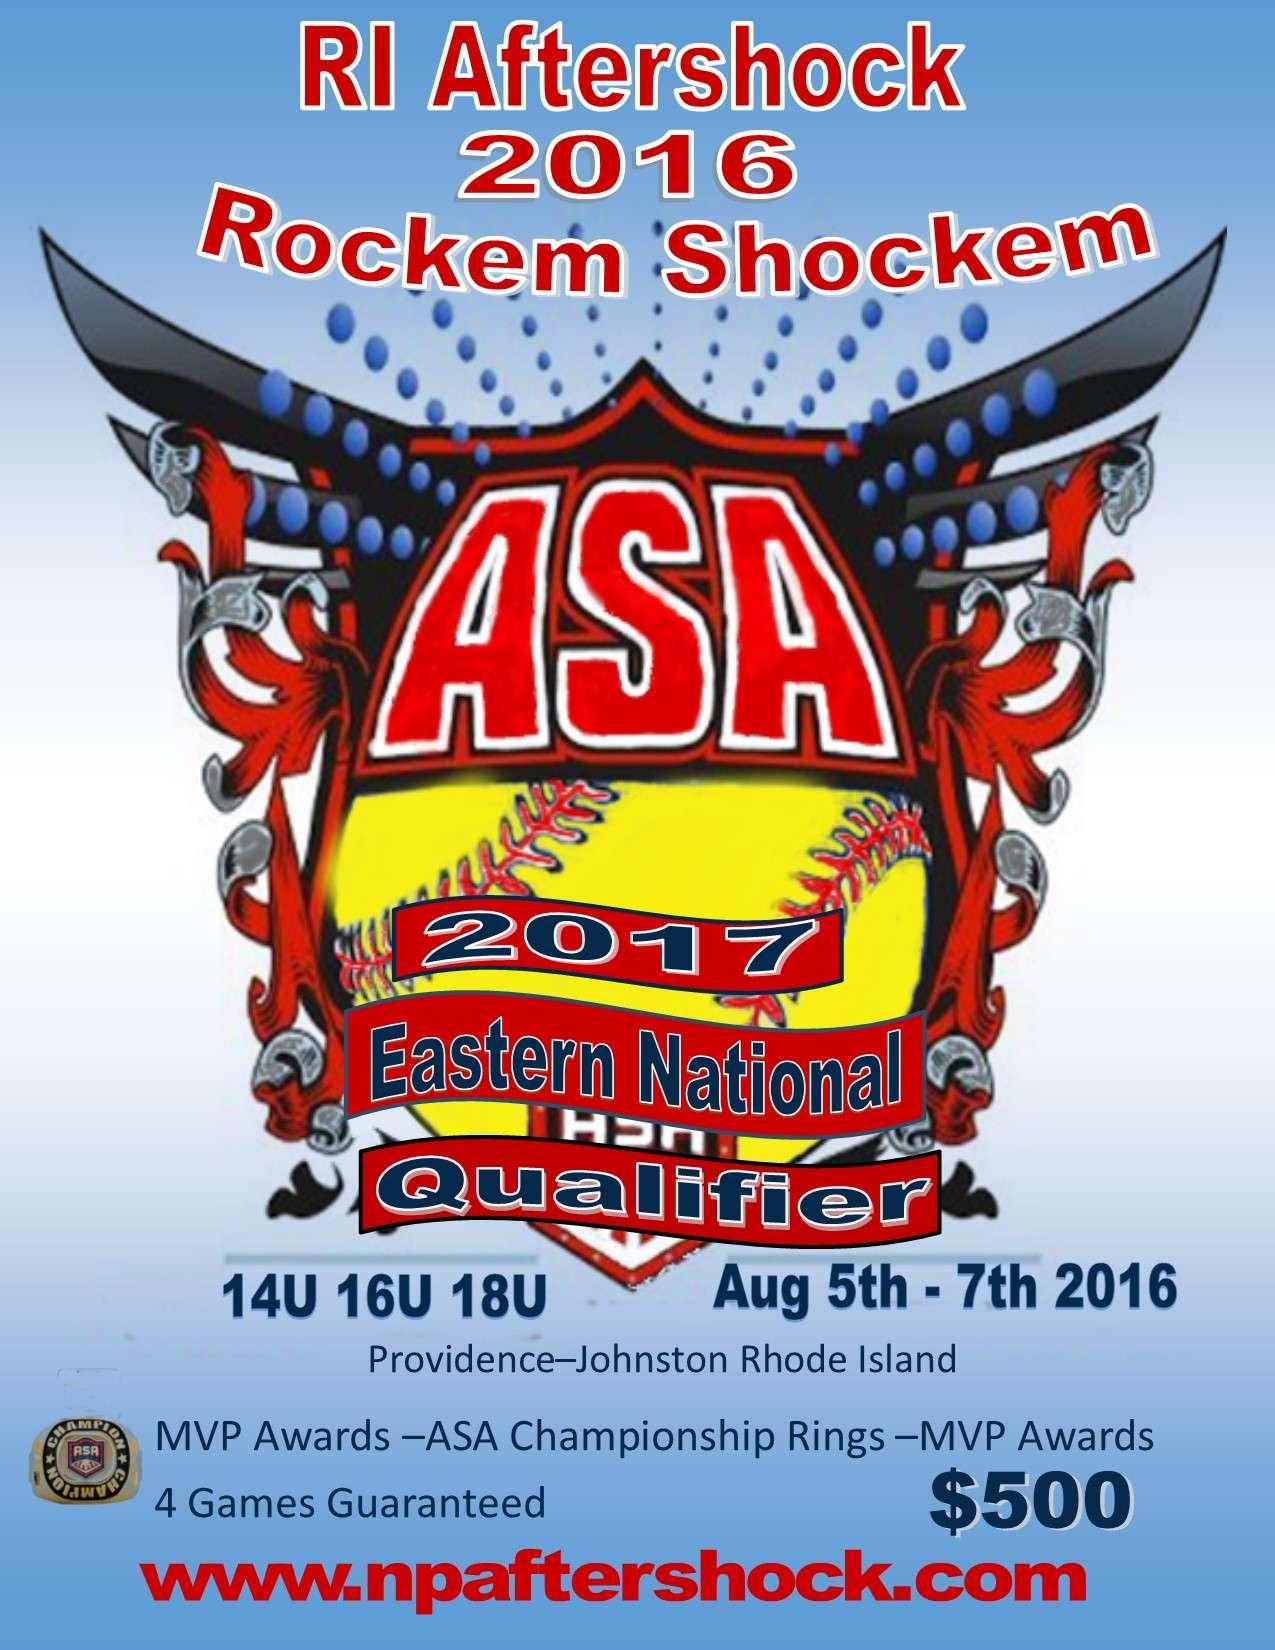 2016 Rockem Shockem